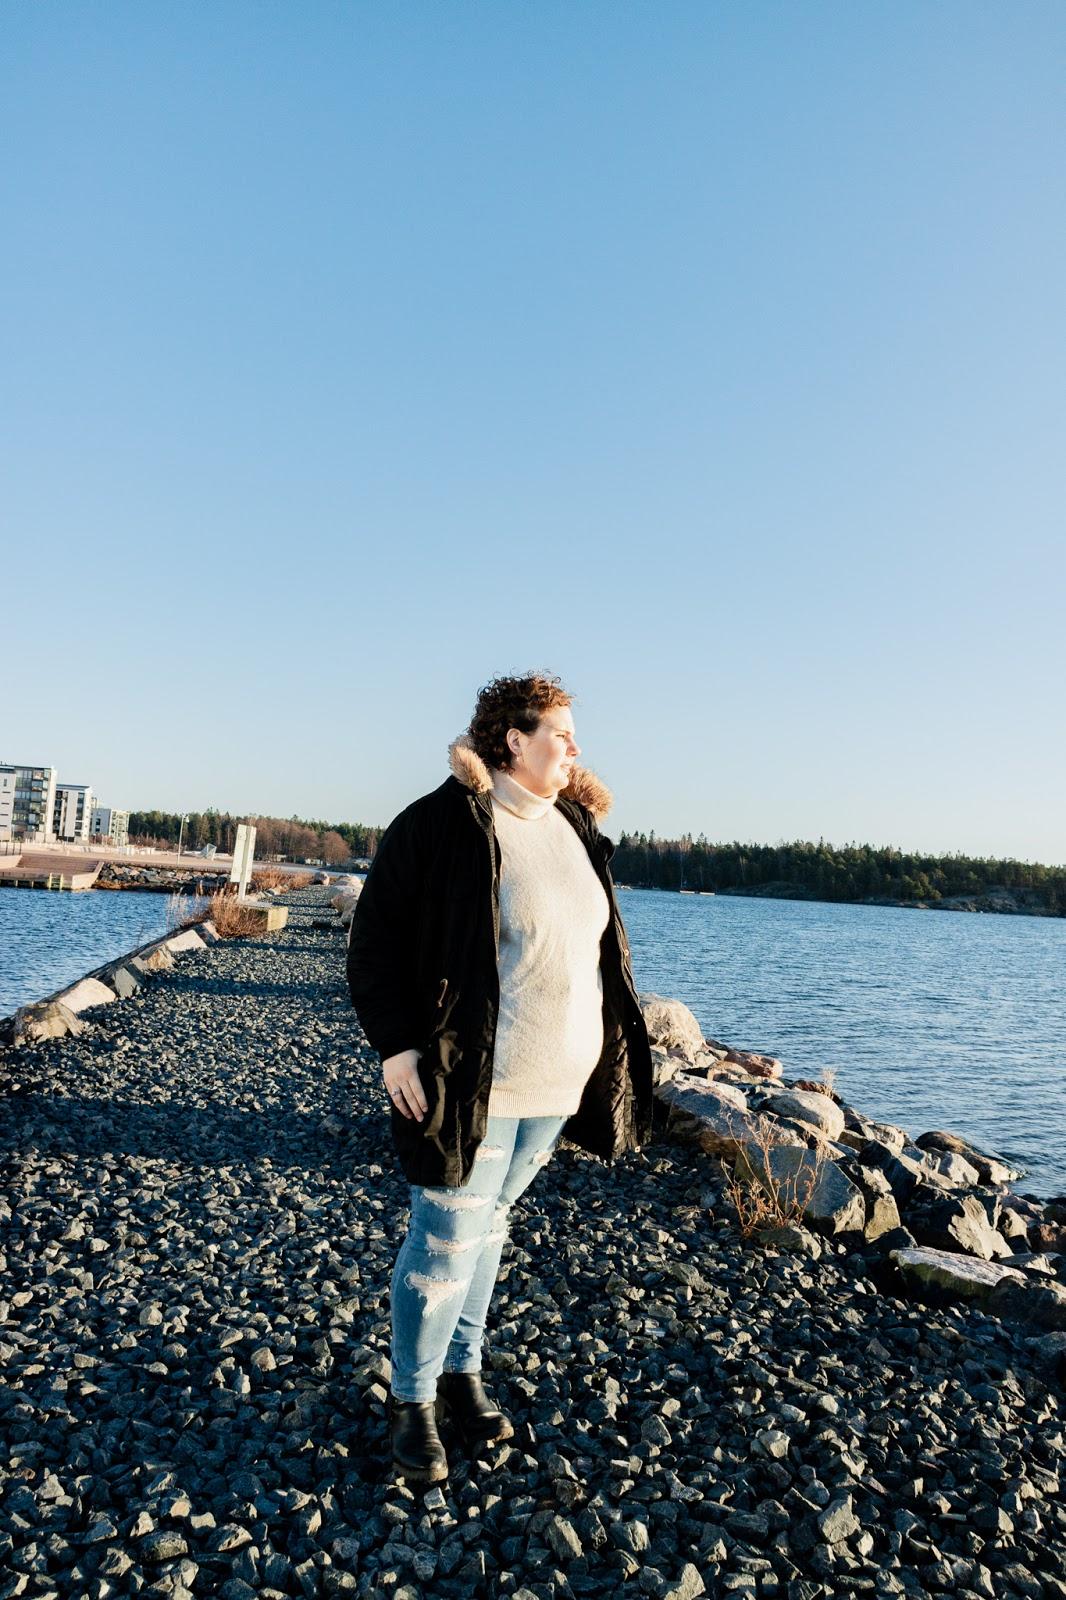 Big mamas home by Jenni S. #äläsomekiusaa